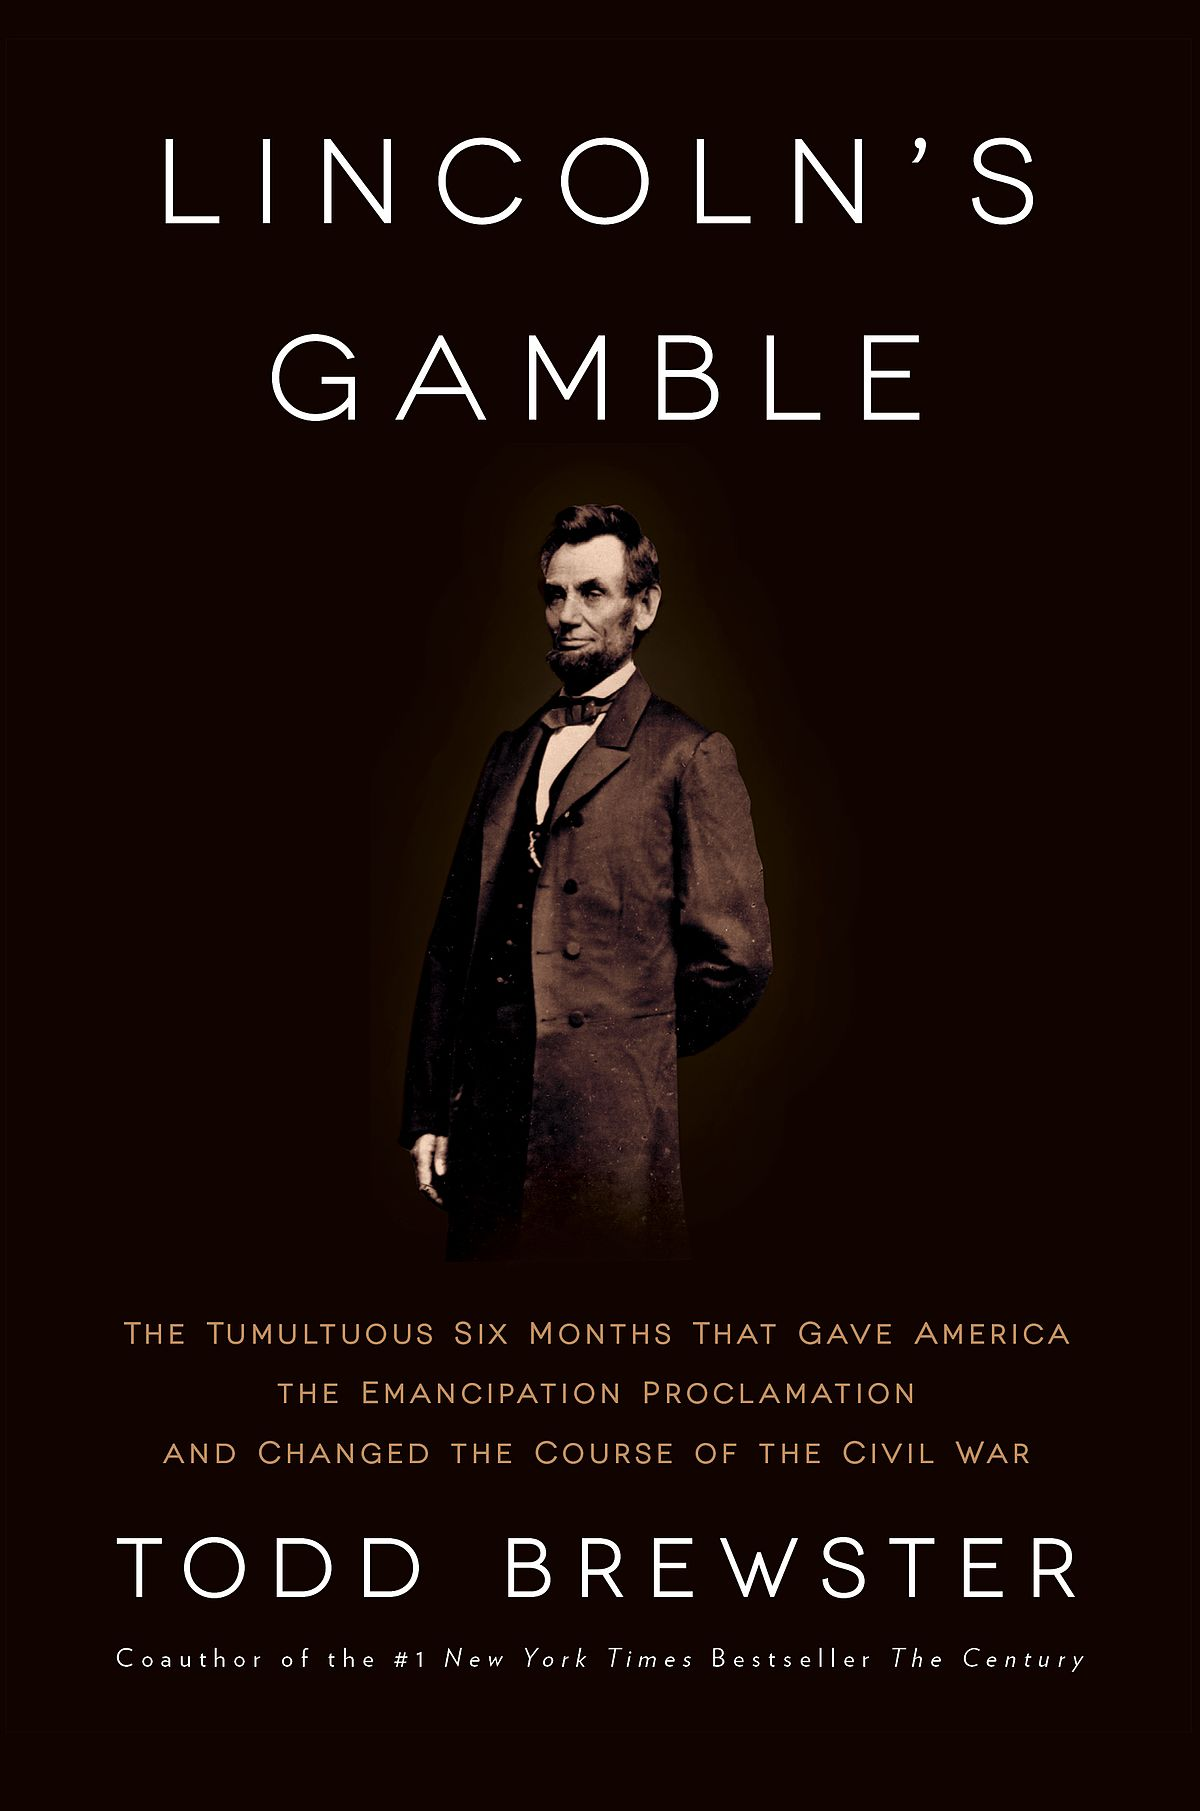 Lincoln S Gamble Wikipedia